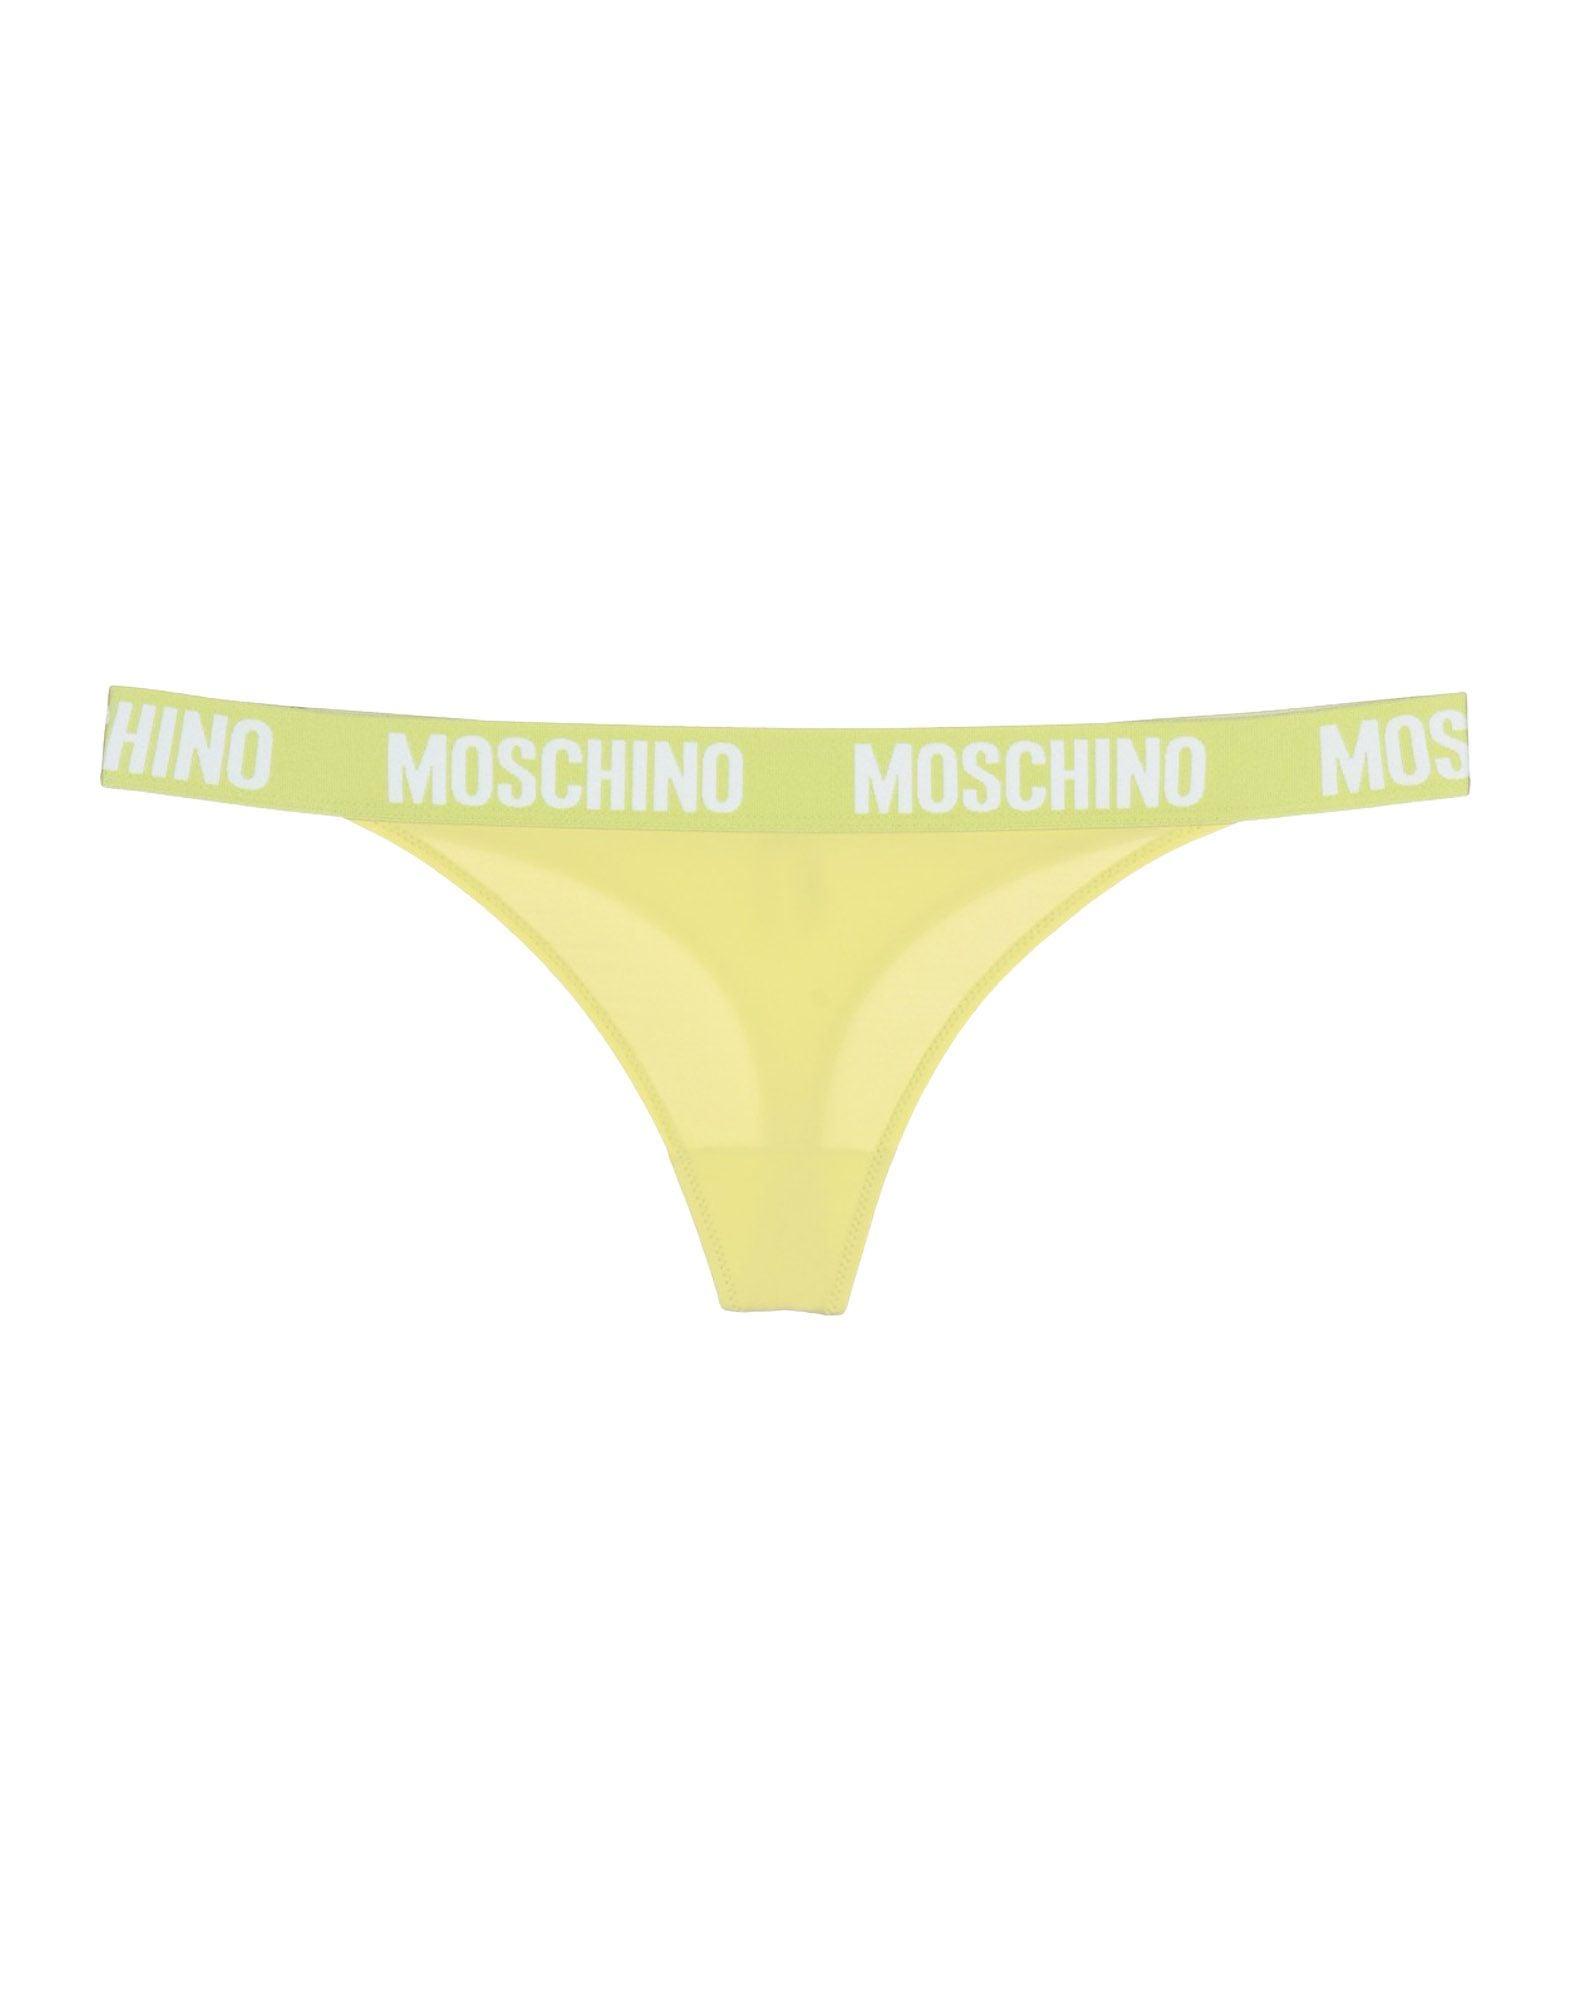 Moschino G-String ($49)